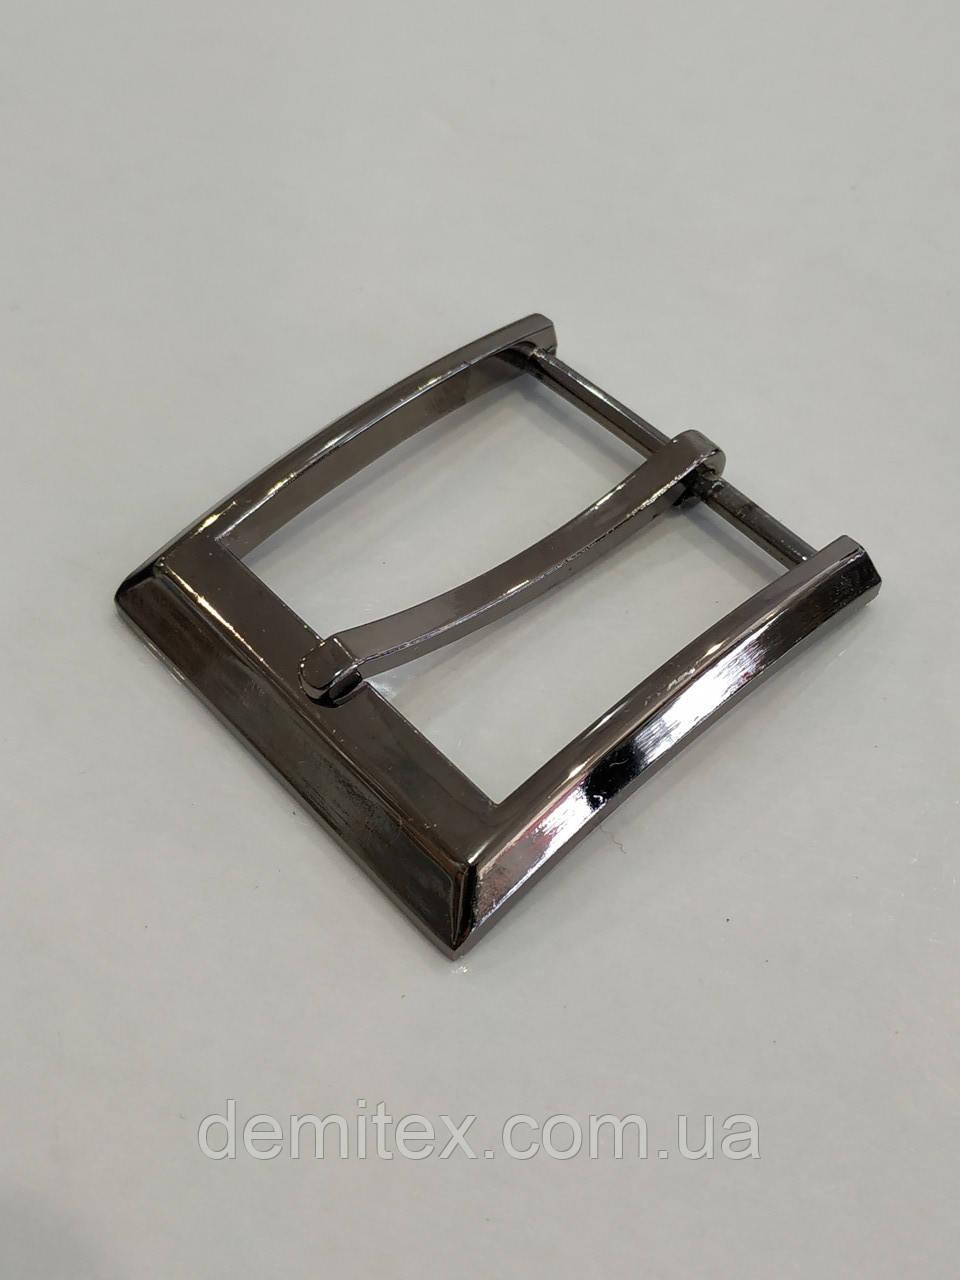 Ременная пряжка 40 мм черный никель